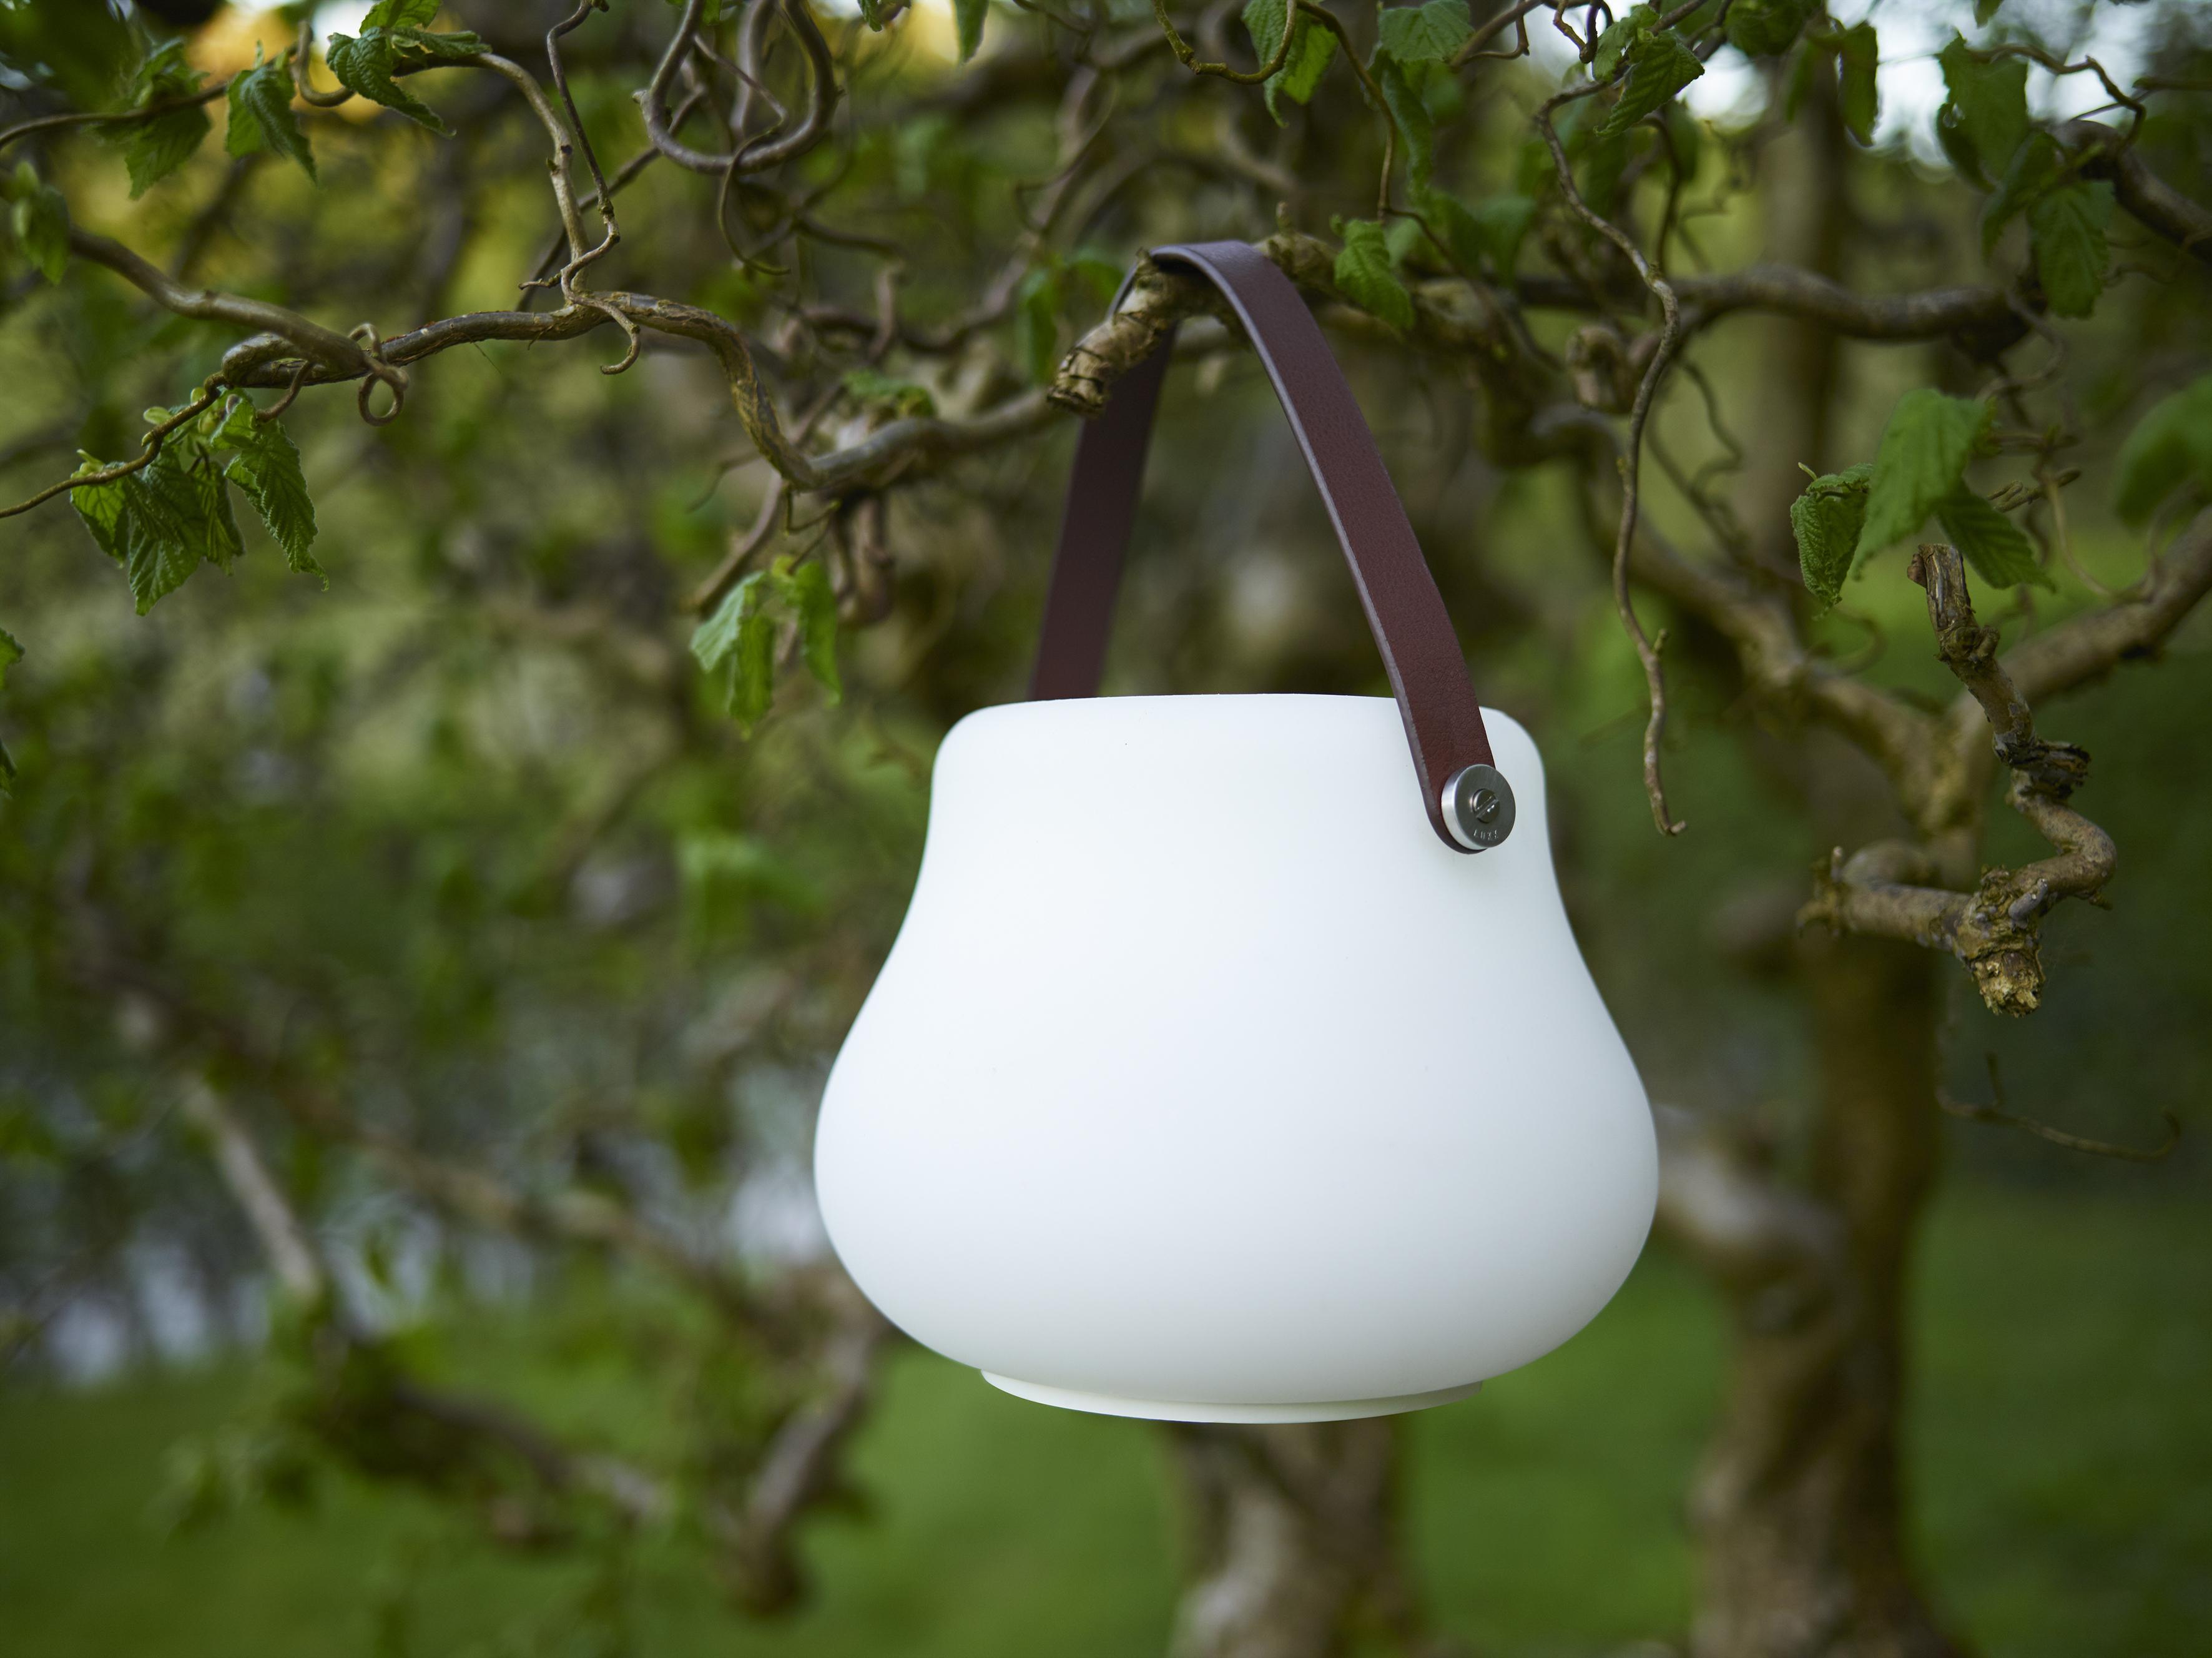 Ein kleiner leuchtender Blumentopf hängt an einem Baum